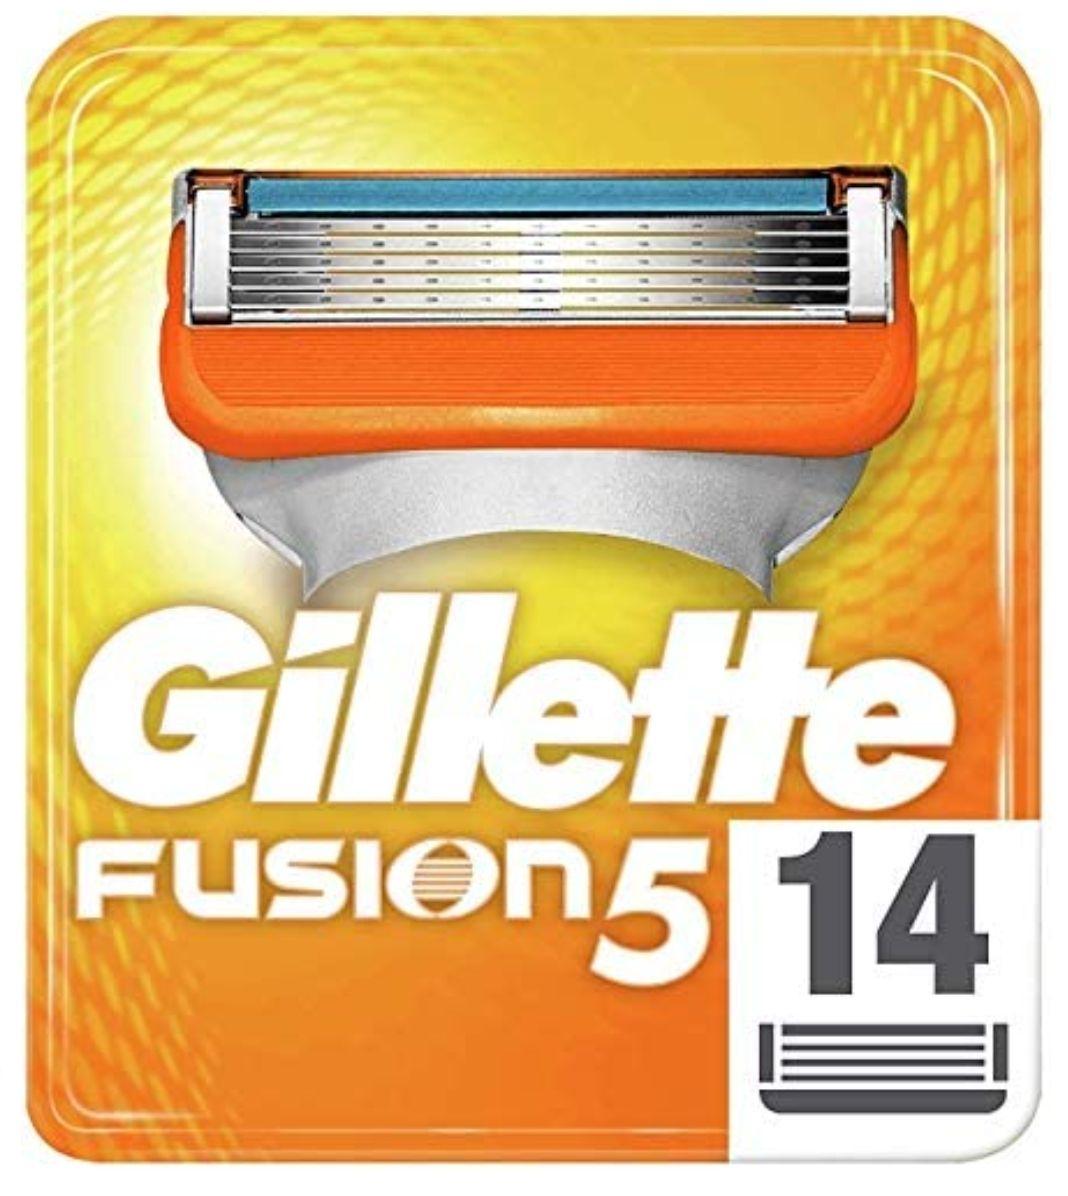 Gillette Fusion 5 Rasierklingen 14 Stück (2,07€ Stück) Im Sparabo noch günstiger 26,06€ (1,86€ Stück)